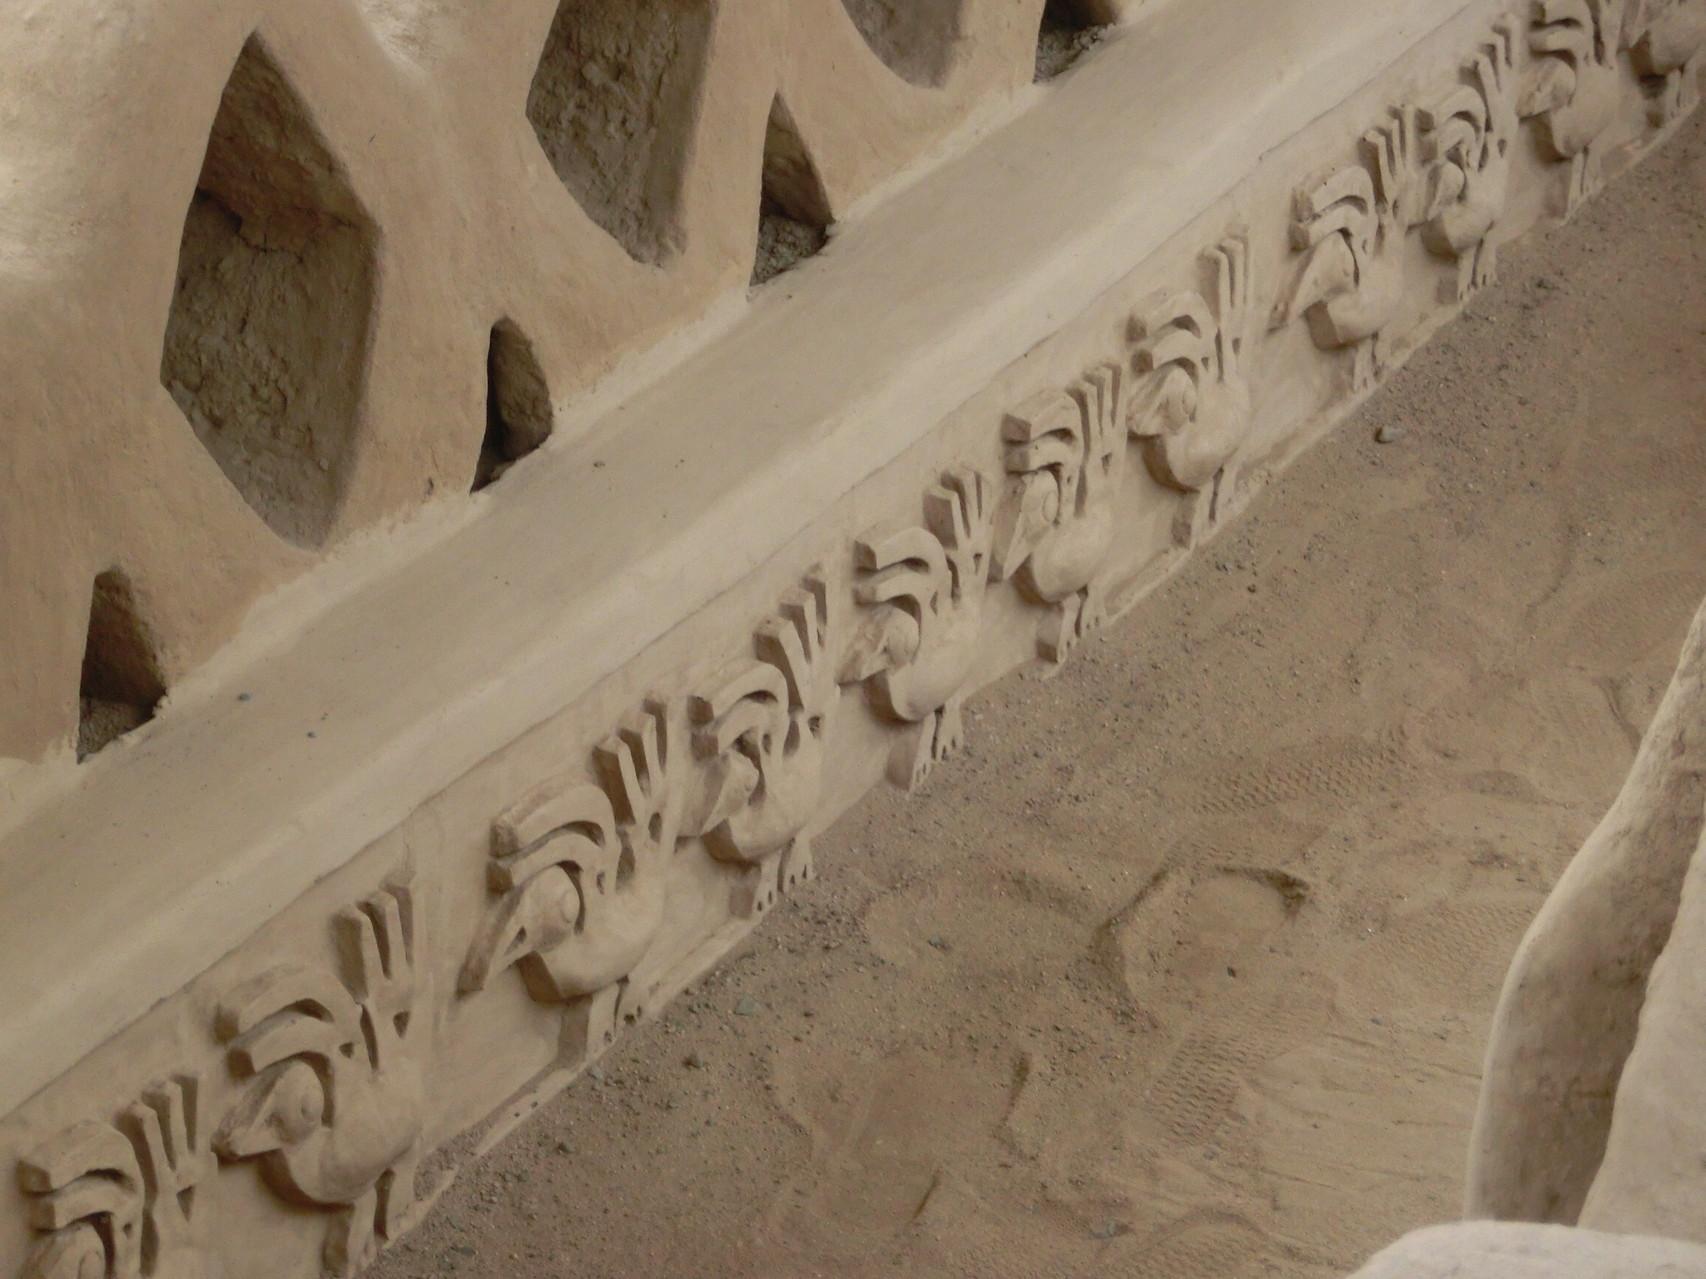 Nochmals die schönen Reliefs im Detail